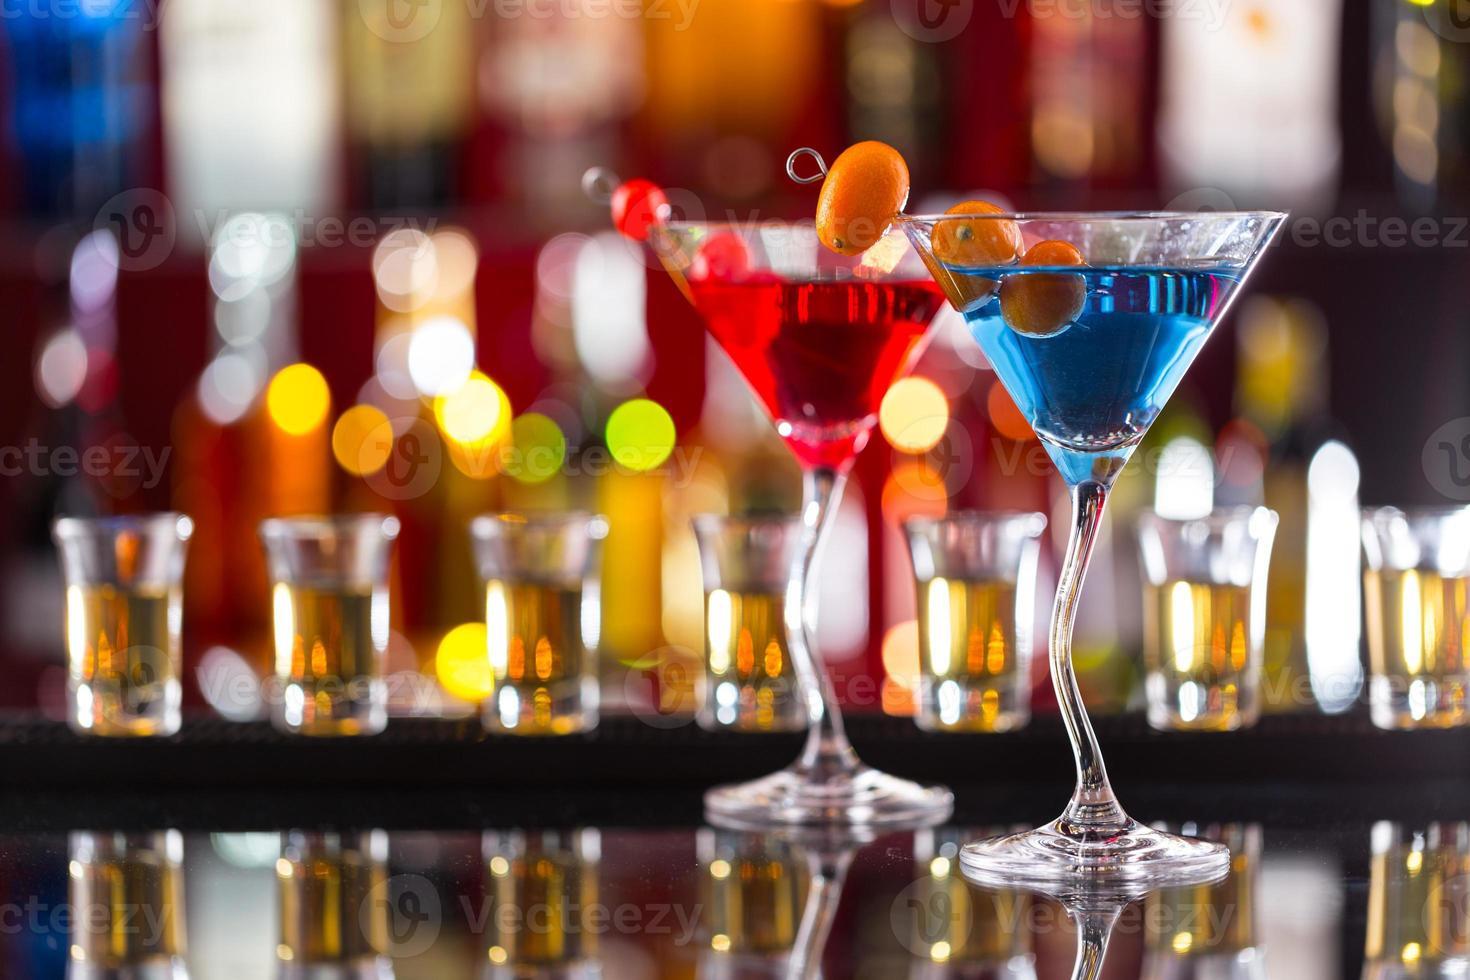 martini-drankjes geserveerd op bar foto